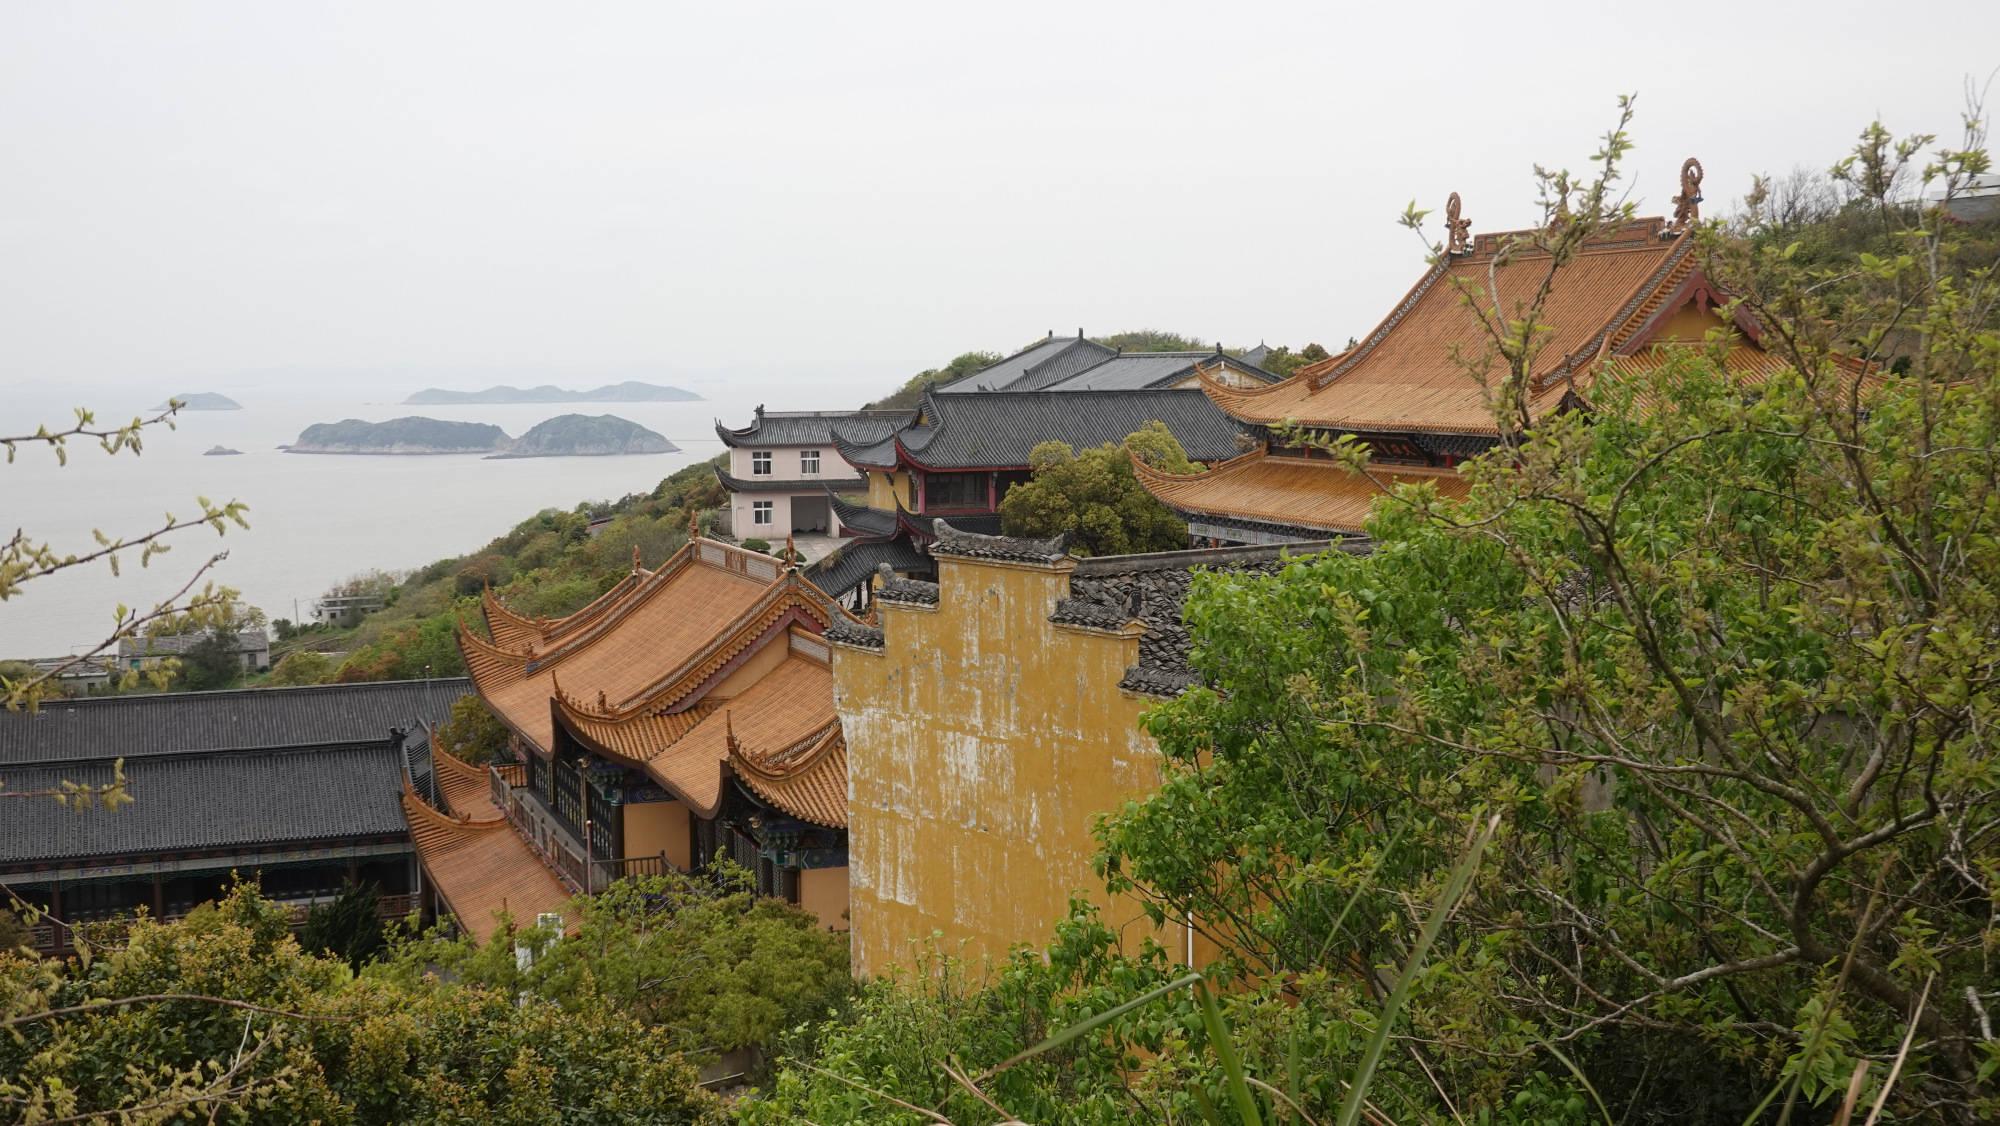 原创             中国最东边的海岛,有座千年寺庙,为什么渔村寺庙比较常见